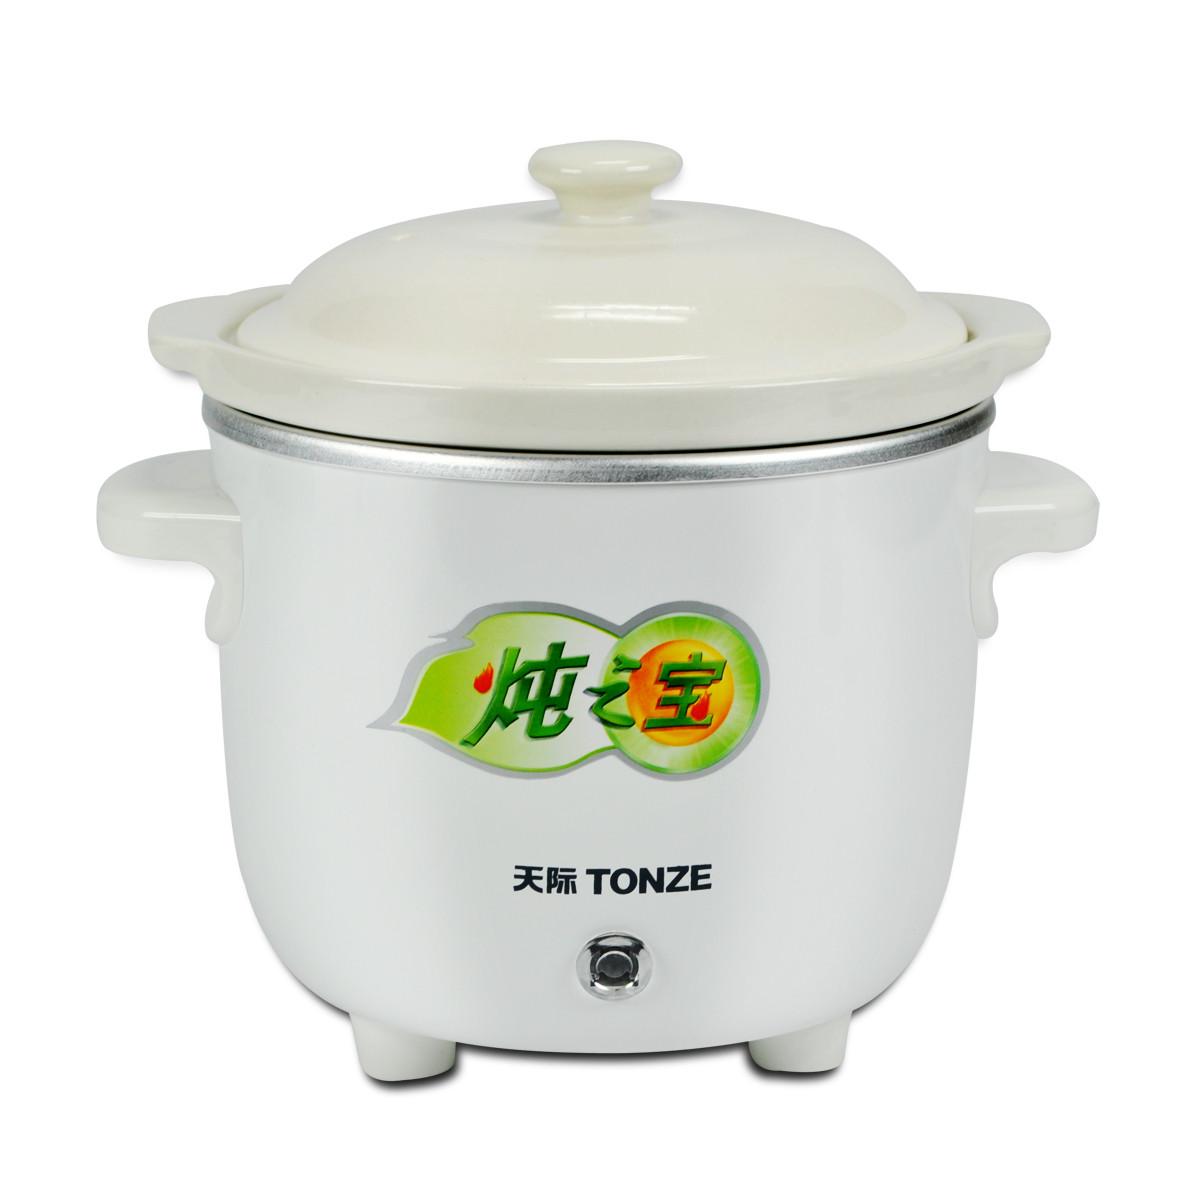 天际 陶瓷炖机械式 DDG-7C电炖锅